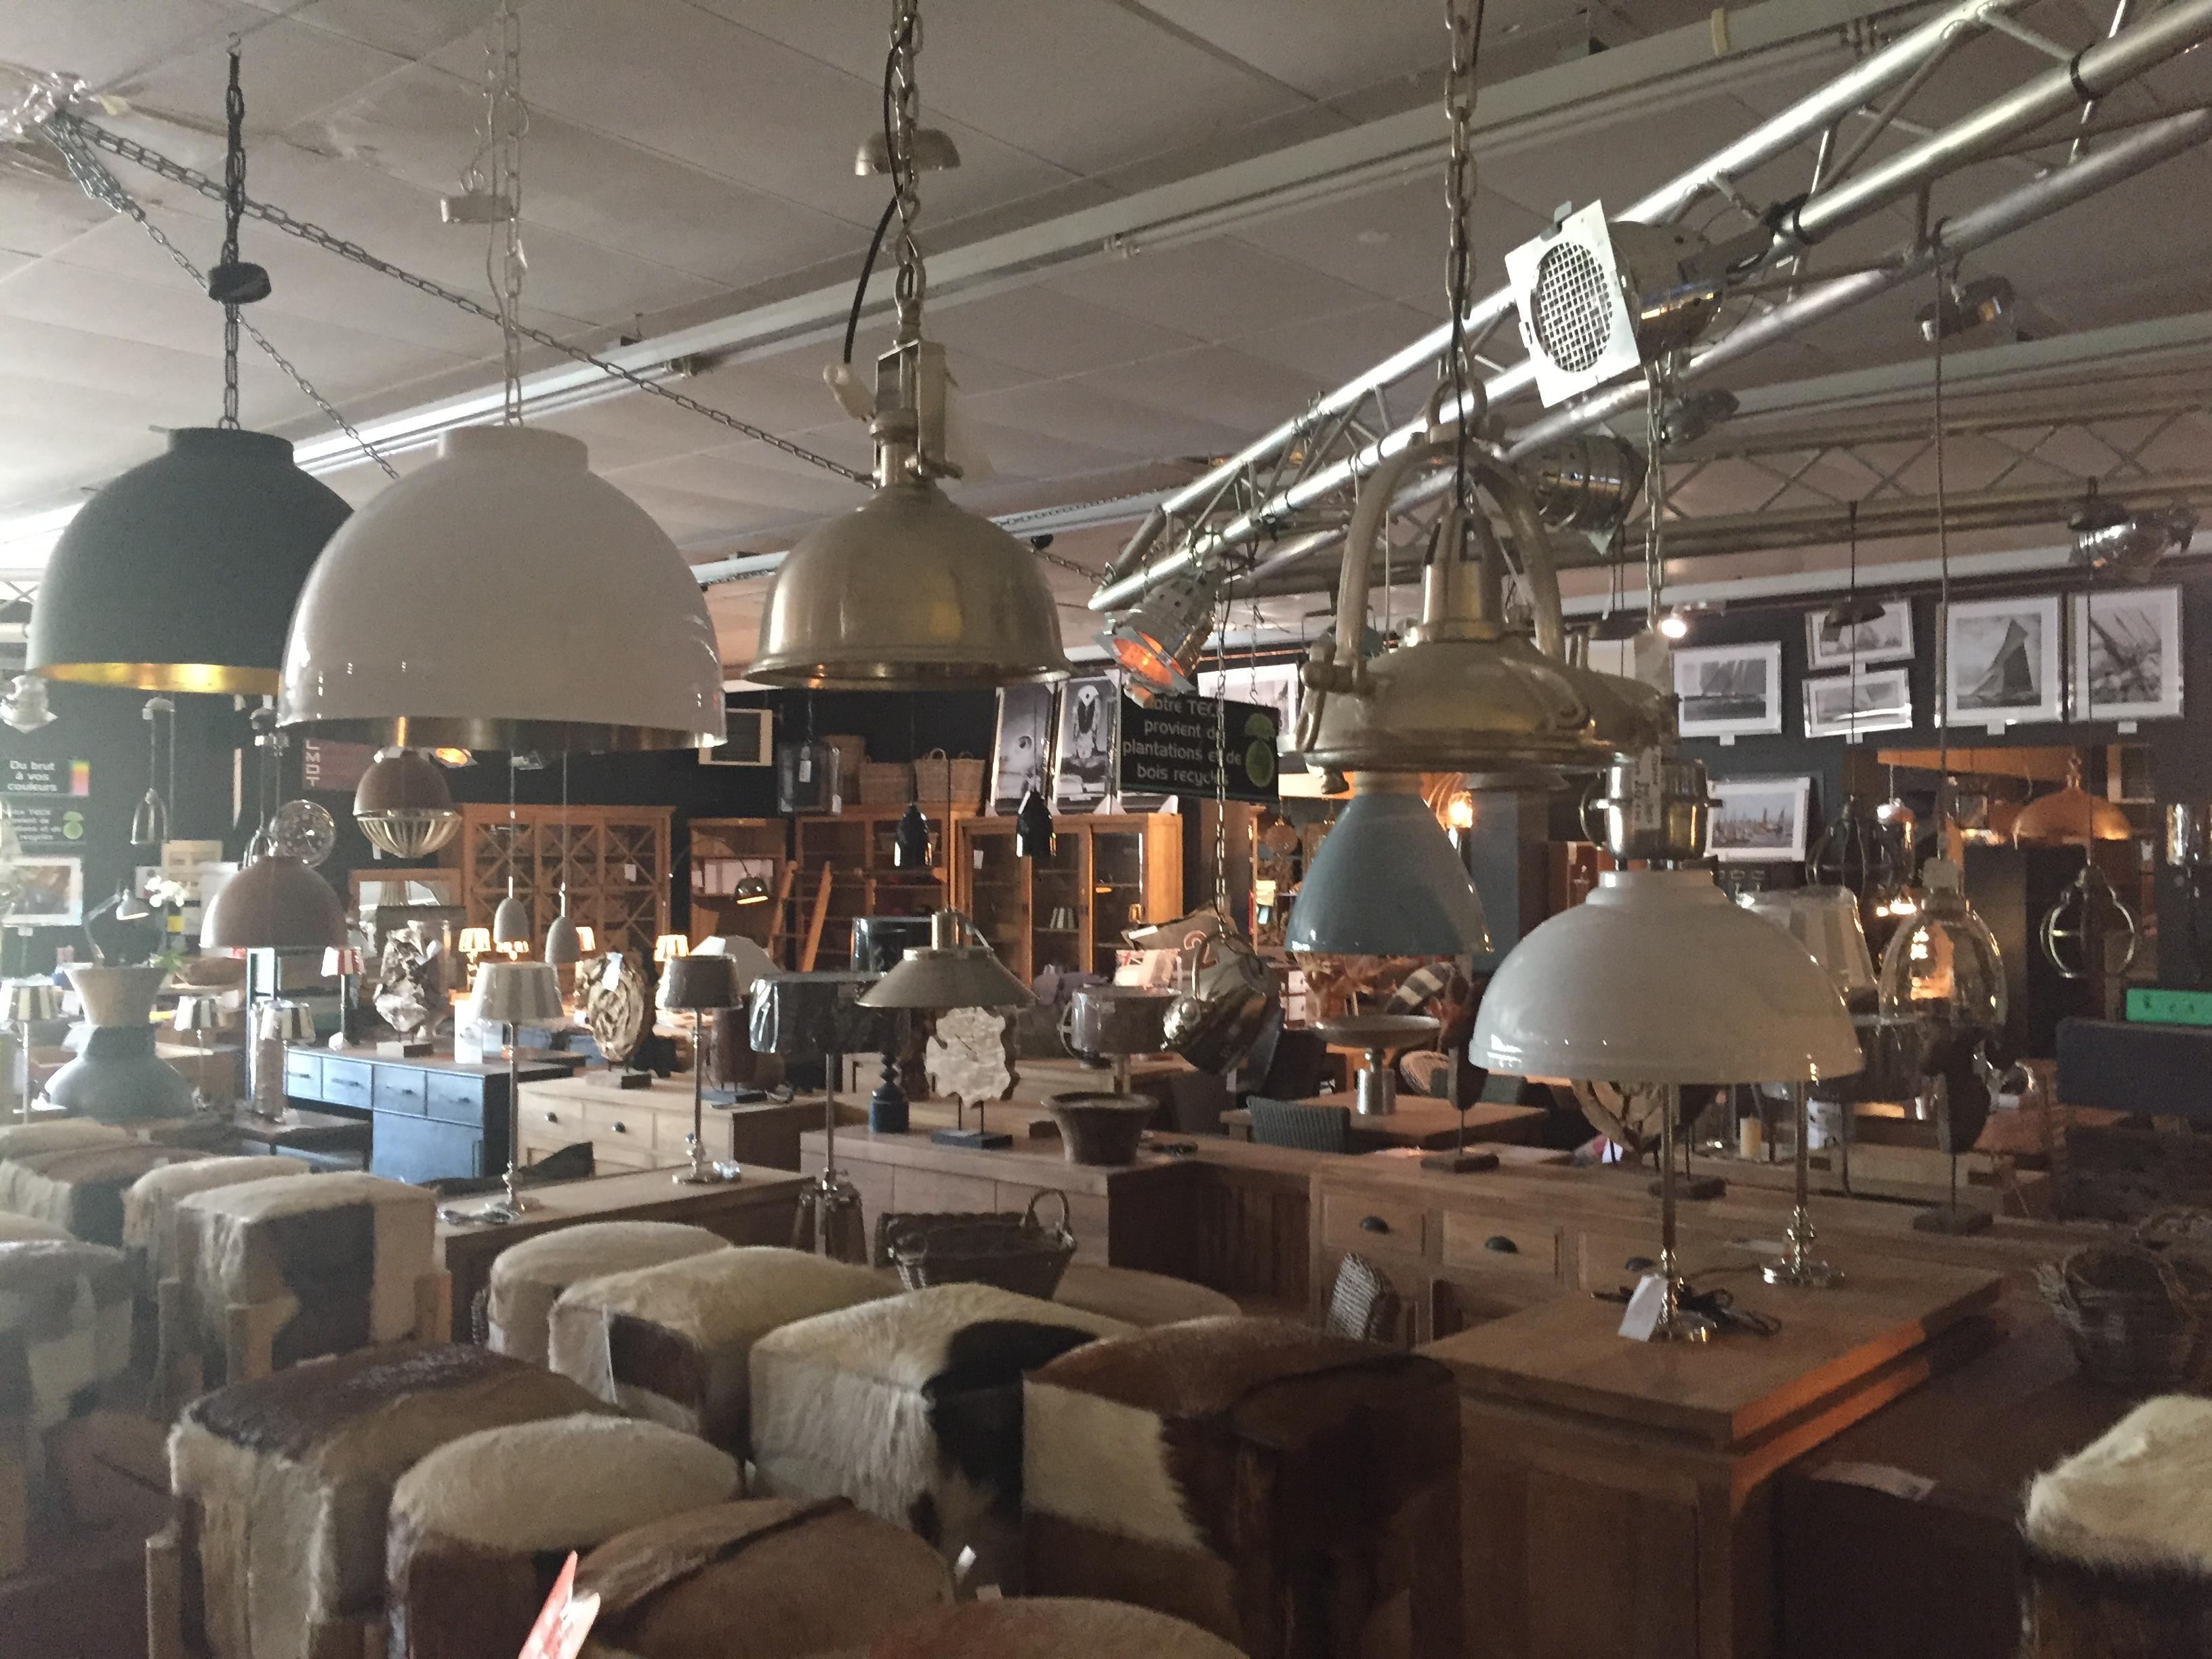 Vue d 39 ensemble luminaires et meubles - La maison du teck ...